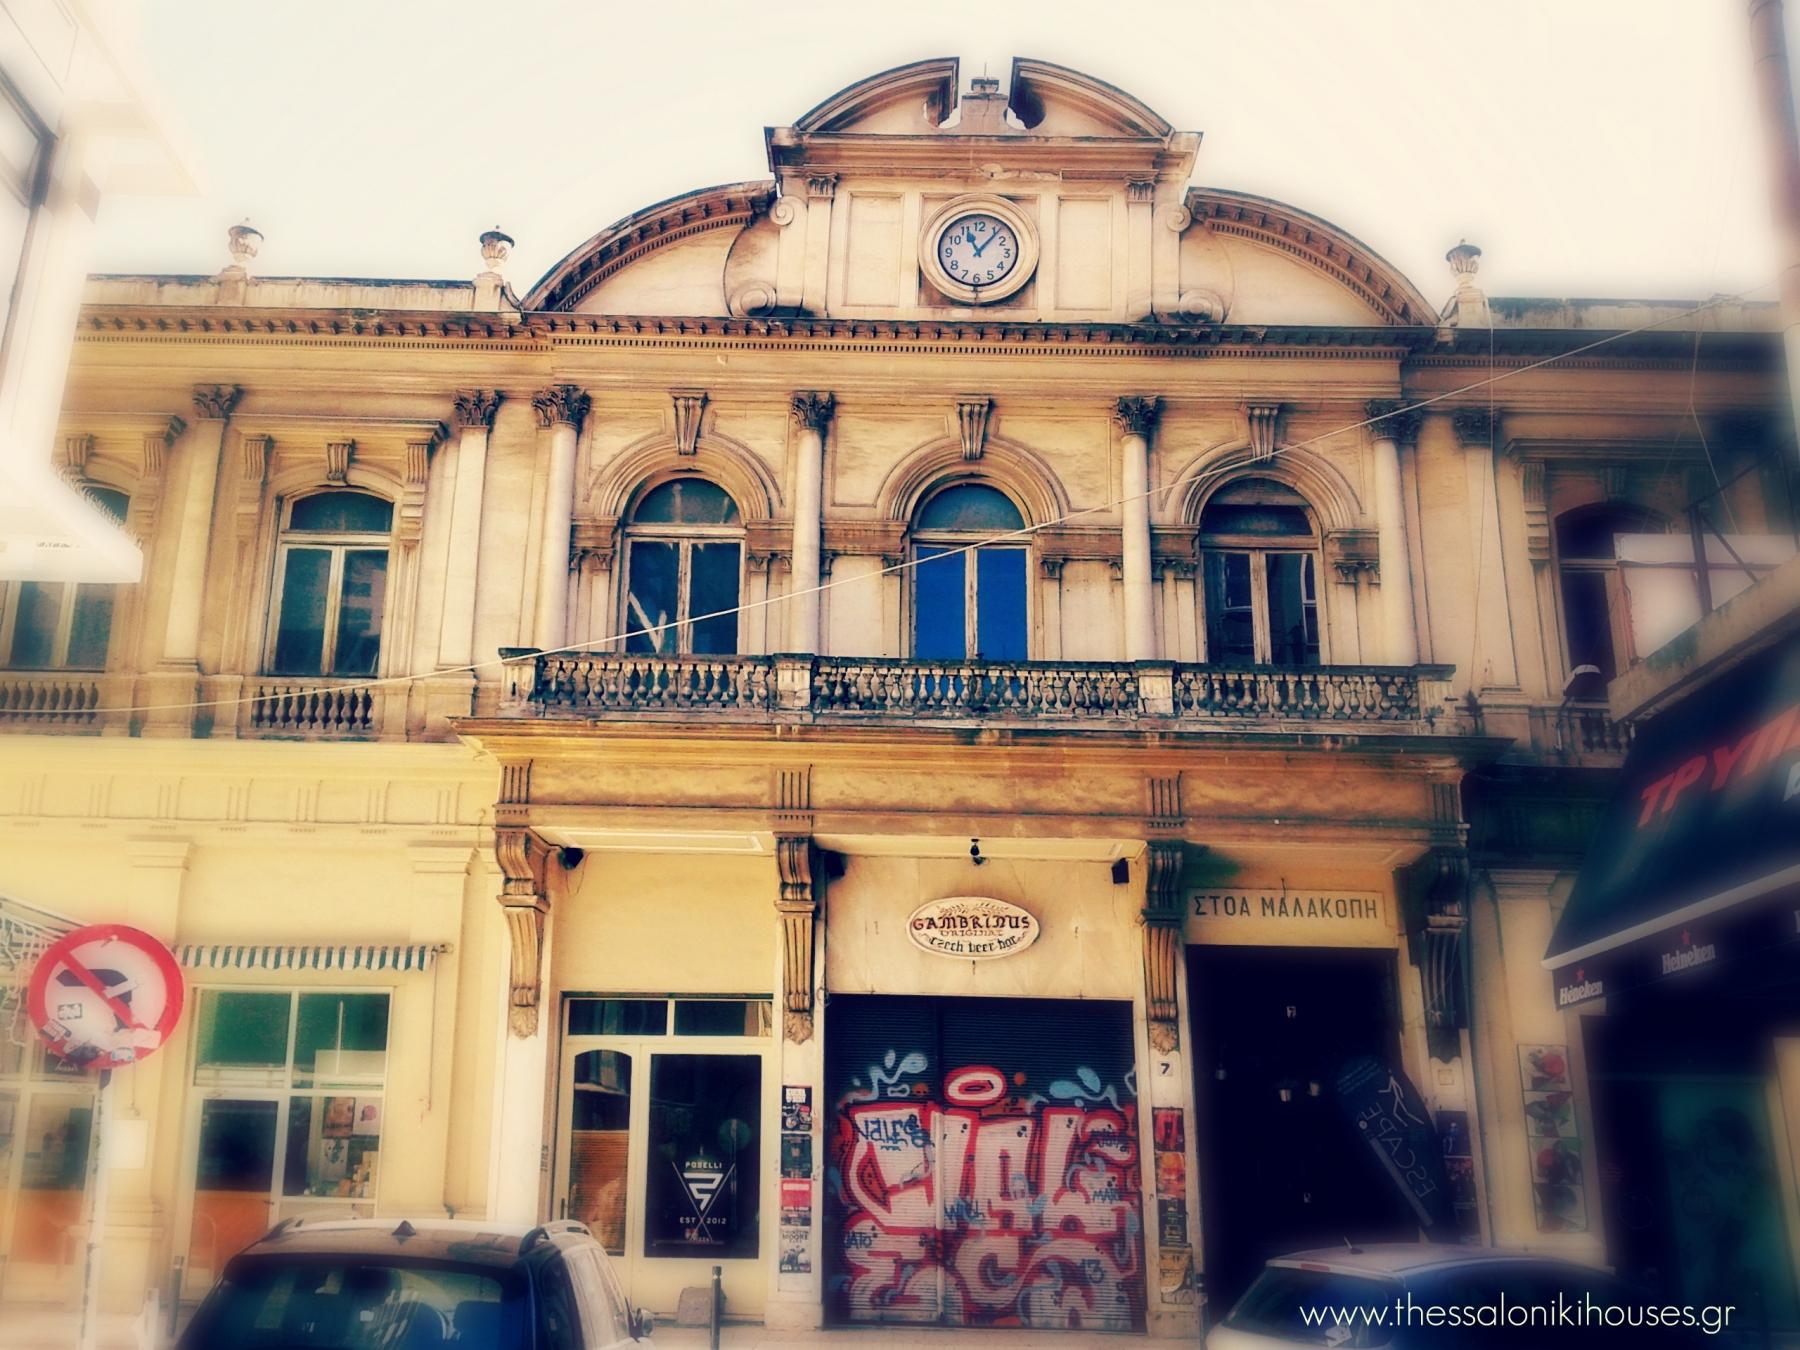 Στοά Μαλακοπή, Θεσσαλονίκη, Φραγκομαχαλάς Photo credits:www.thessalonikihouses.gr